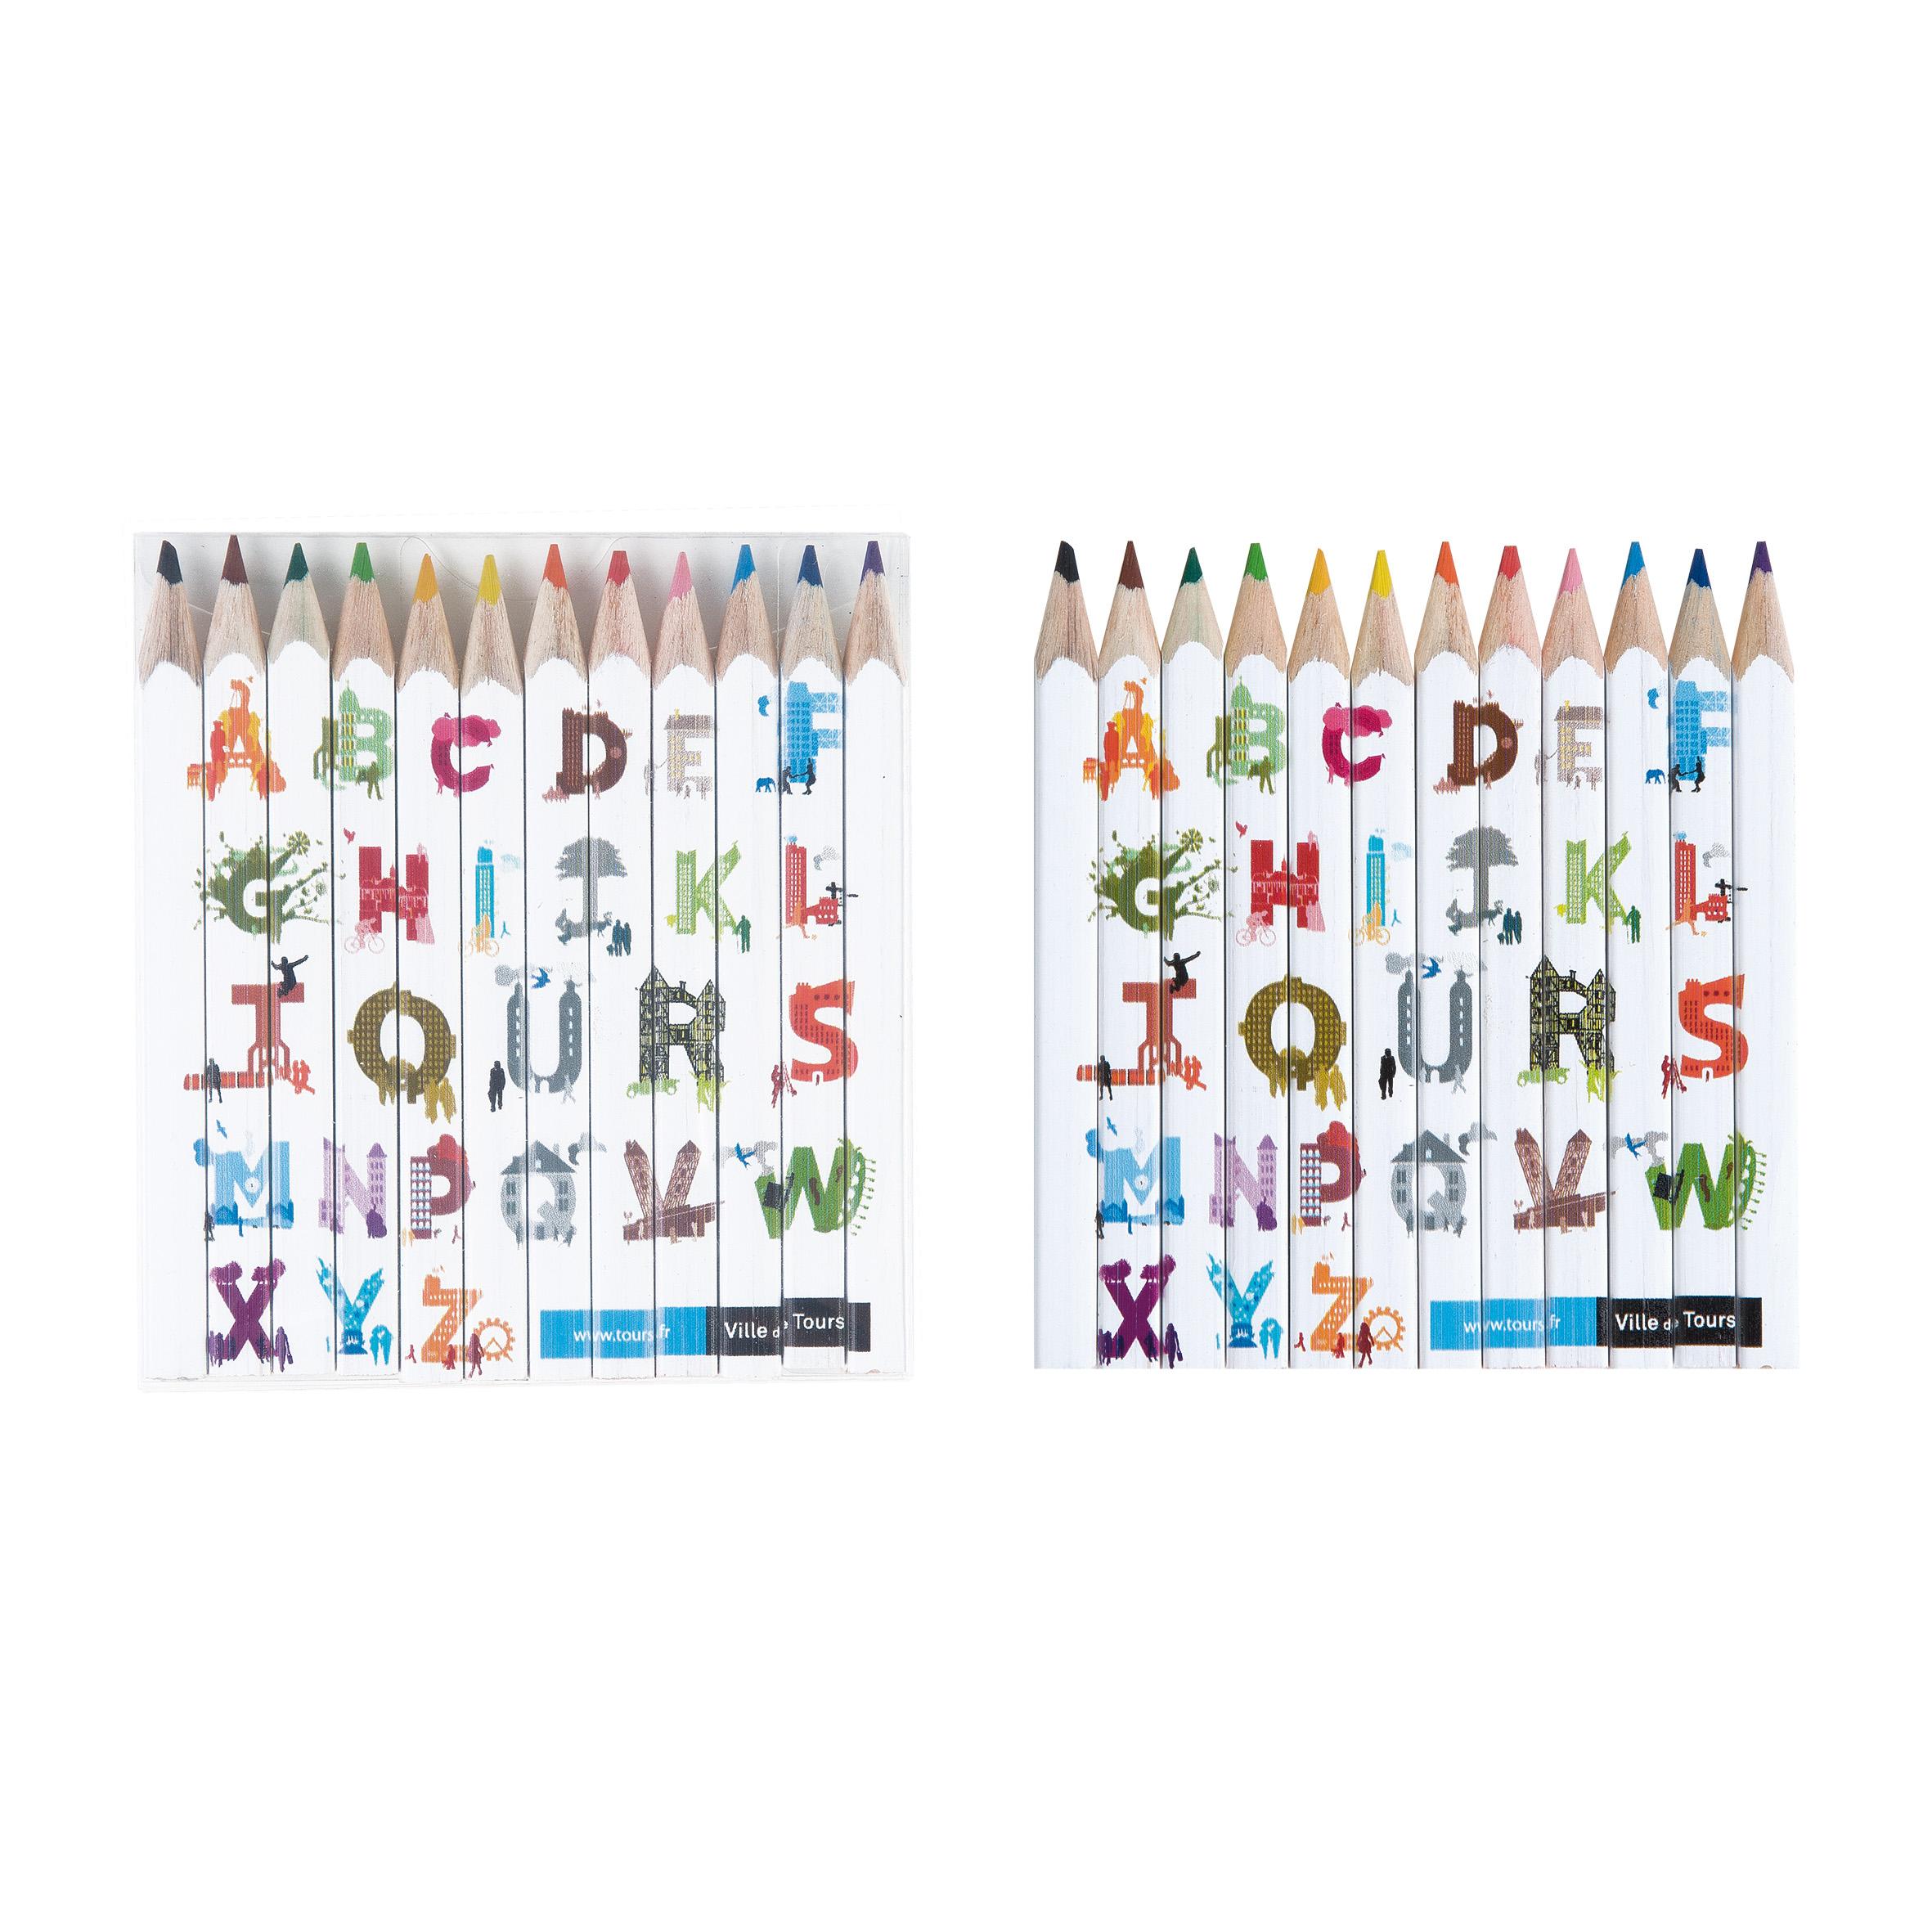 SET QUADRI 12 COUL 8,7 cm Fashion Goodiz goodies objet personnalisé cadeaux d affaire objets publicitaires